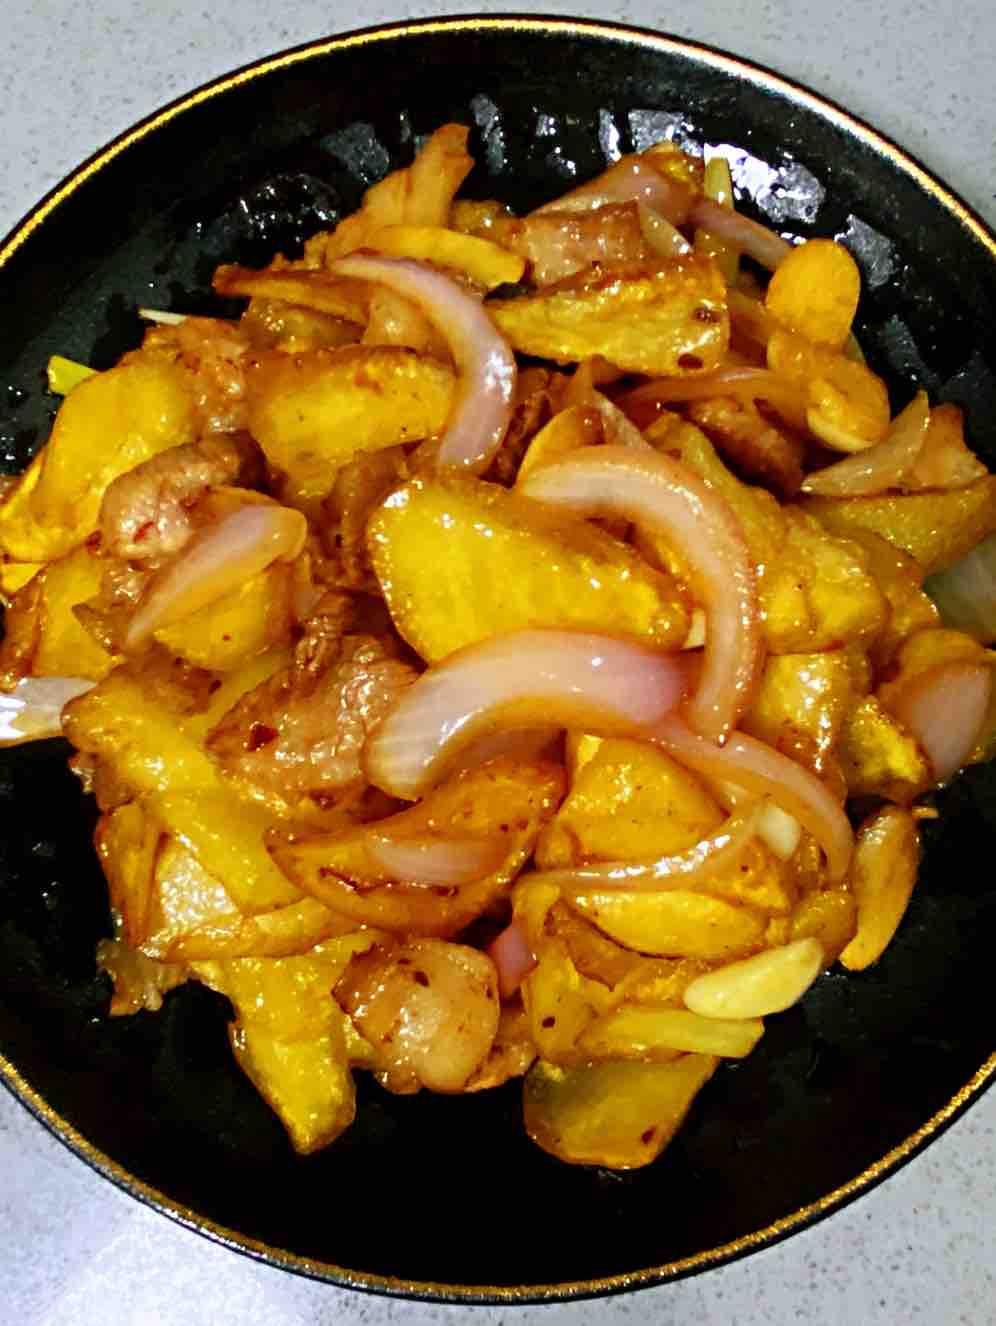 【孕妇食谱】干锅土豆片,鲜香美味,超级下饭,比红烧肉还过瘾~